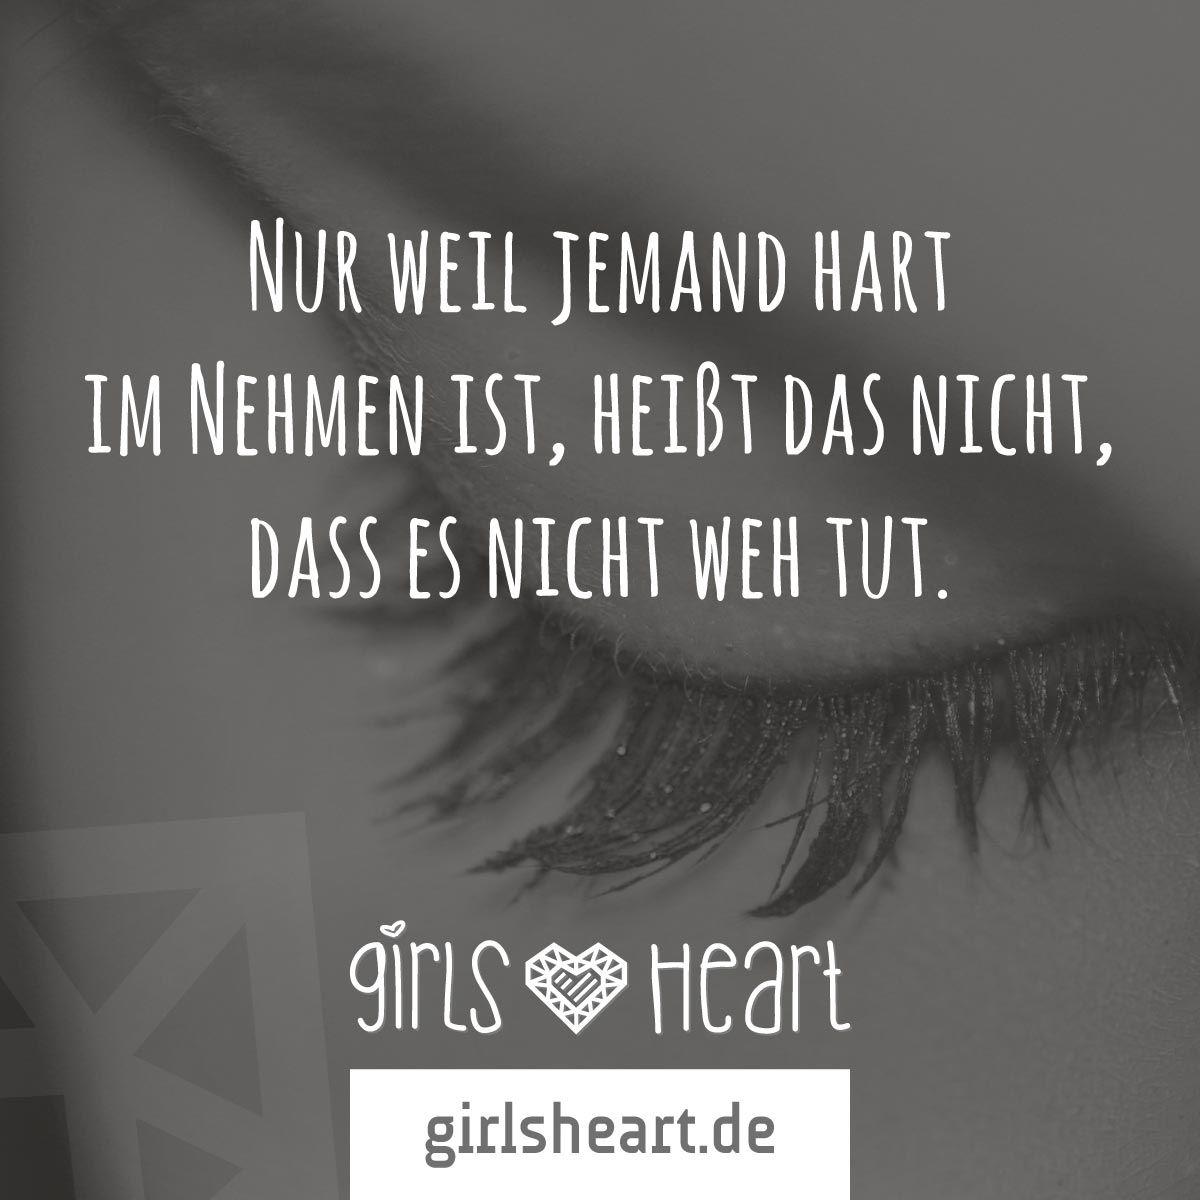 Mehr Sprüche auf: .girlsheart.de #trauer #ärger #wut